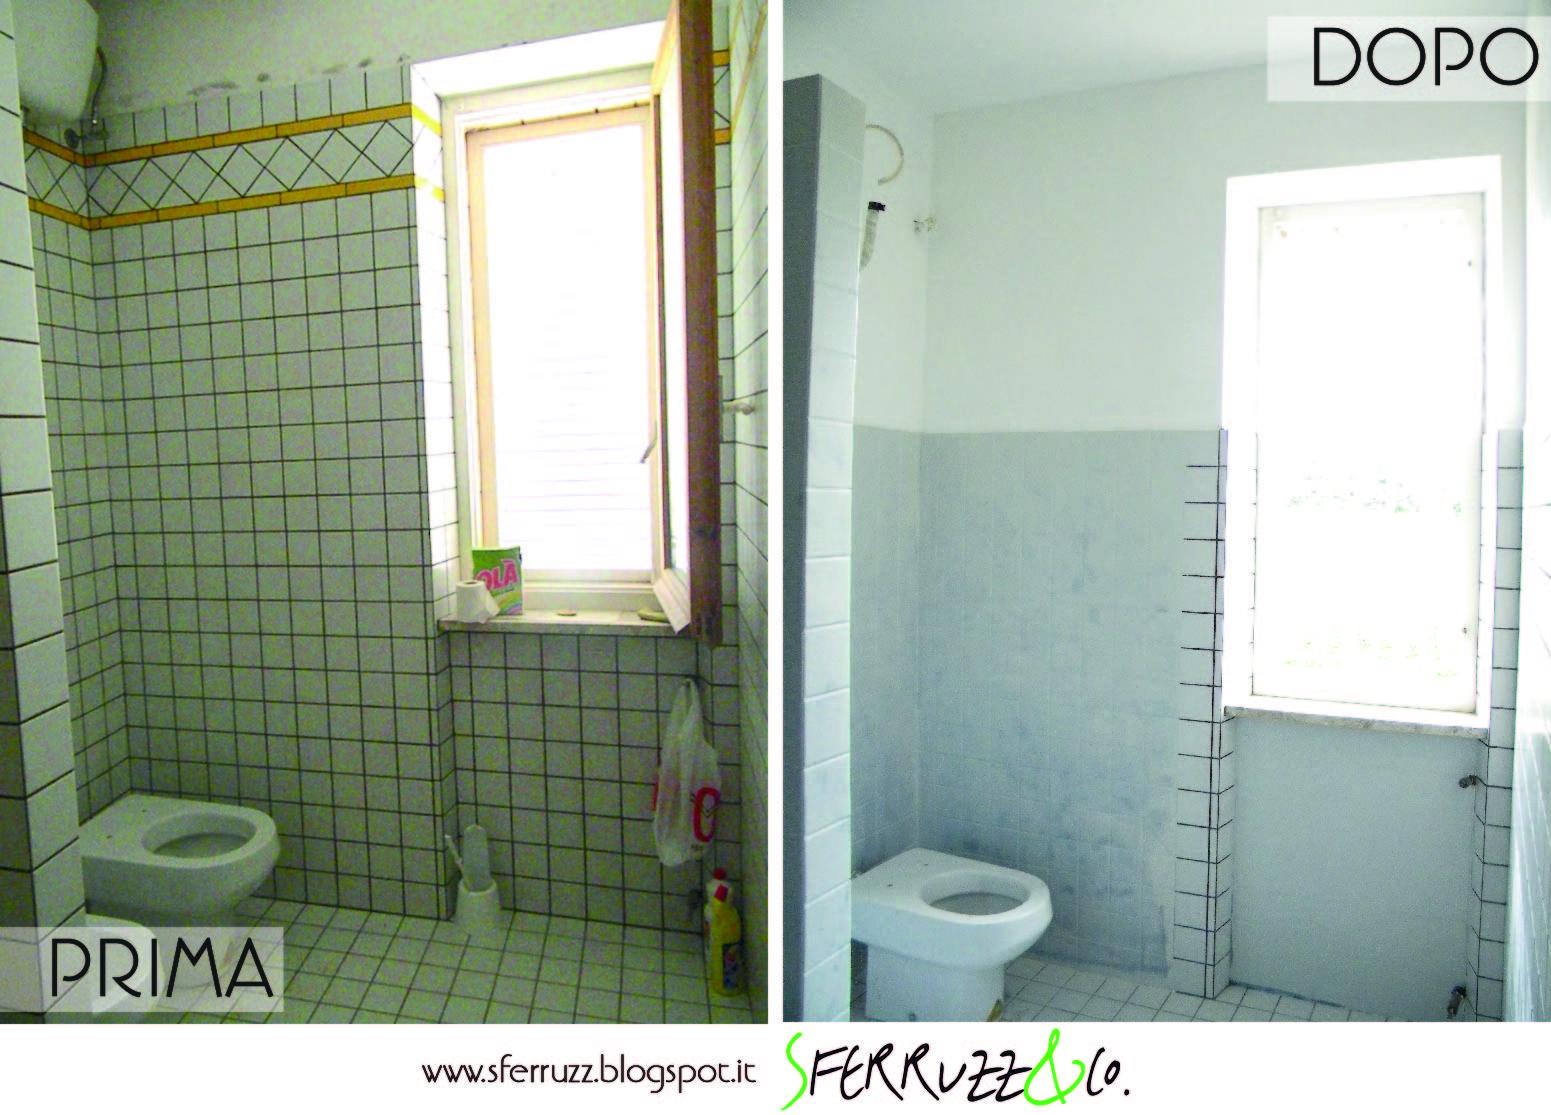 Sferruzz co t g house il bagno blu makeover parte 1 - Dipingere piastrelle bagno ...